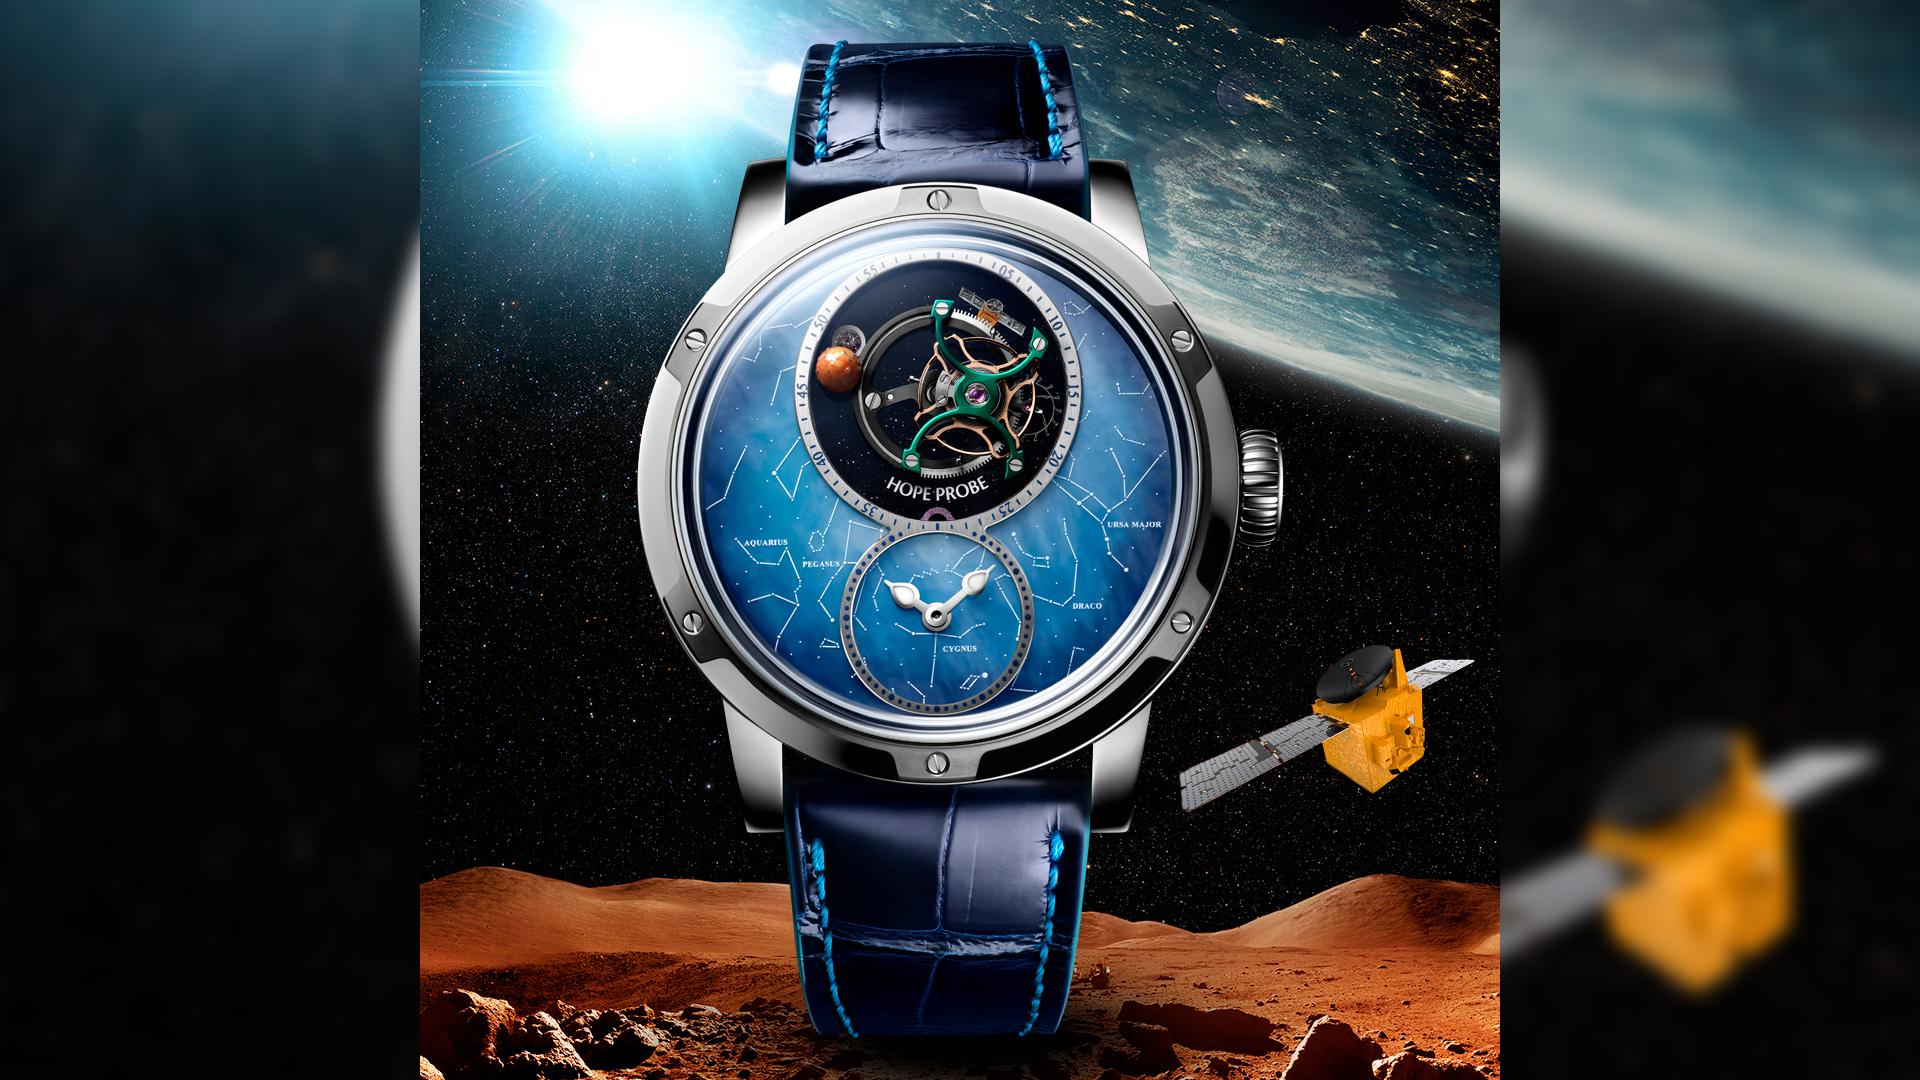 إصدار الوقت الثمين من لويس موانيه يكرم بعثة الفضاء الإماراتية الاستثنائية